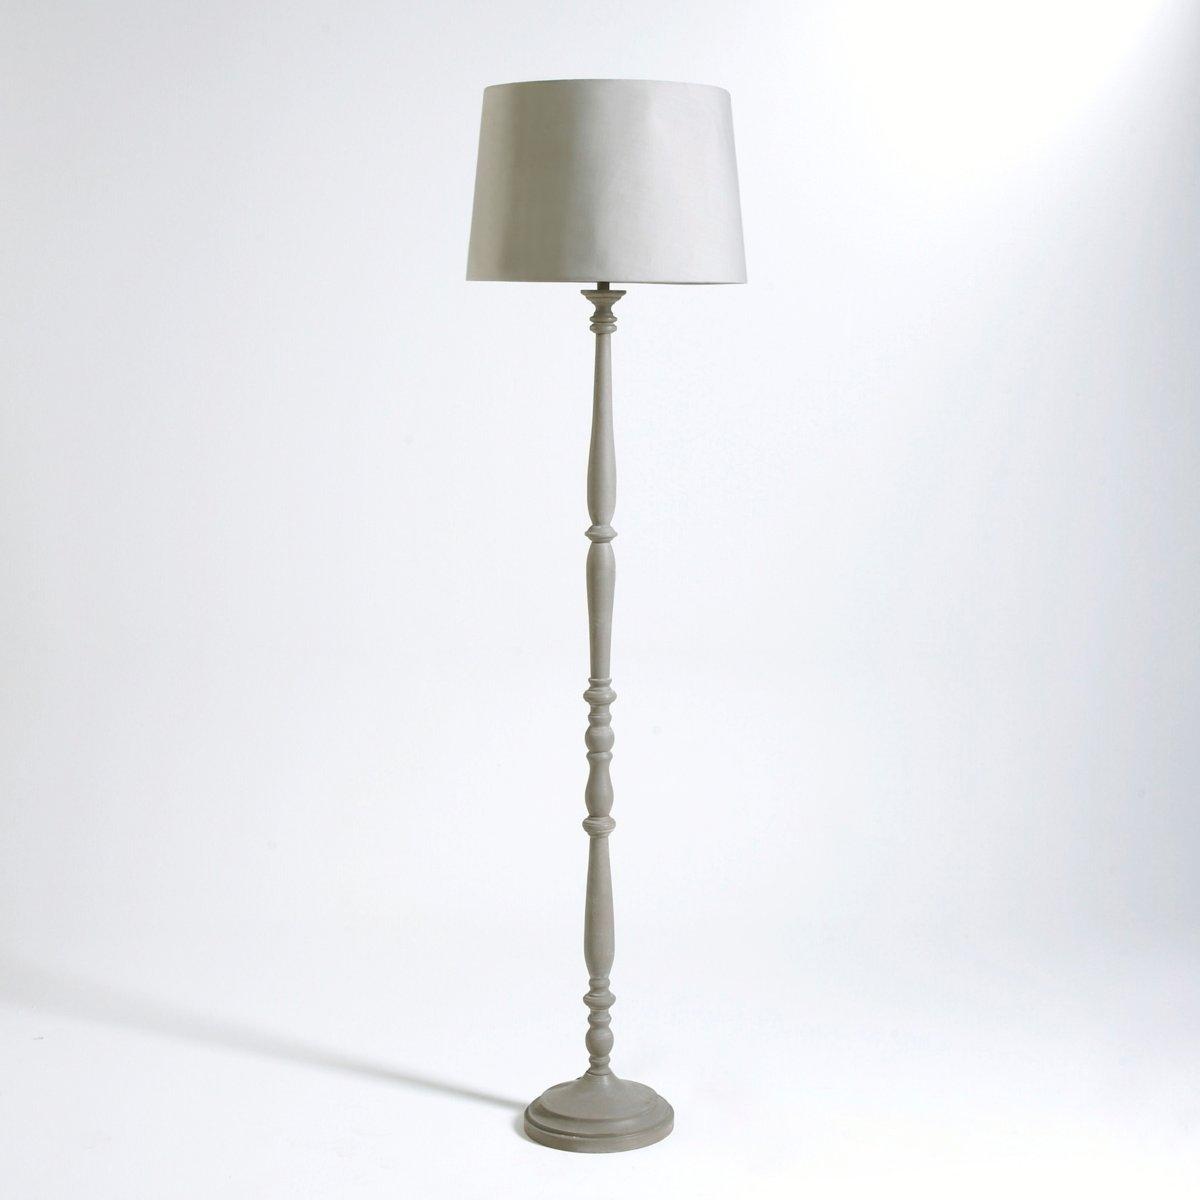 Торшер из гельвеи, KanattaОписание торшера из гельвеи Kanatta :- 2 вида отделки : серо-коричневый или черный цвет Патрон E27 для лампочки 60W (не входит в комплект)  . Этот светильник совместим с лампочками    энергетического класса   : A-B-C-D-EХарактеристики Kanatta :Массив гельвеи, элегантный и декоративный, серо-коричневого цвета .Однотонный абажур 100% хлопок .Найдите другие торшеры и коллекцию Kanatta на сайте laredoute.ru .Размеры торшера  Kanatta  :Общая высота : 159 смОснование : ?23 смАбажур: ?36 x 35 см Размеры и вес коробки :1 упаковка45 x 40 x 42 см 5,2 кг<br><br>Цвет: серо-каштановый беленый